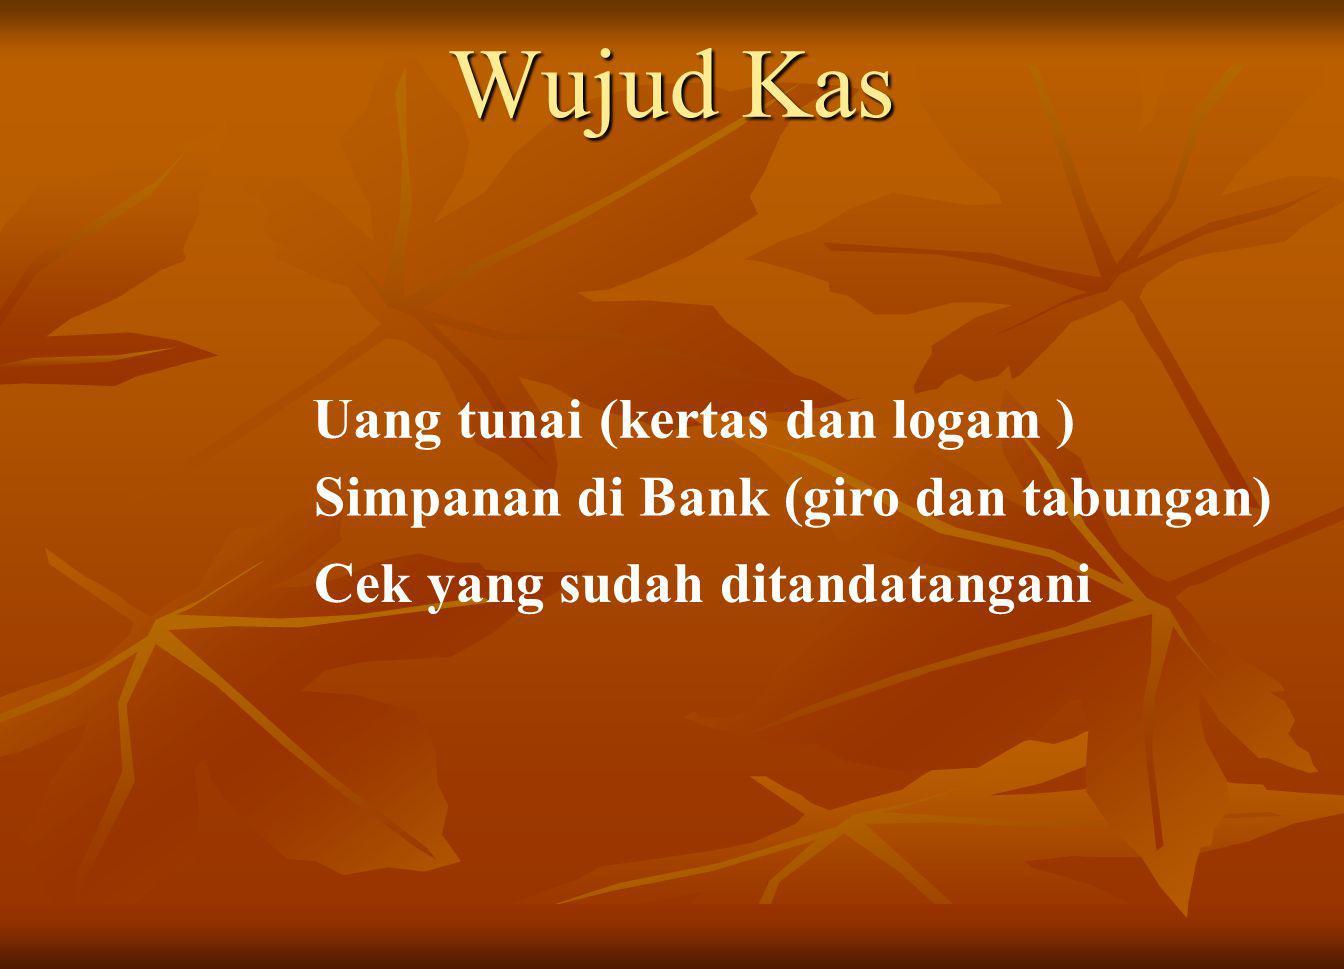 Wujud Kas Uang tunai (kertas dan logam ) Simpanan di Bank (giro dan tabungan) Cek yang sudah ditandatangani